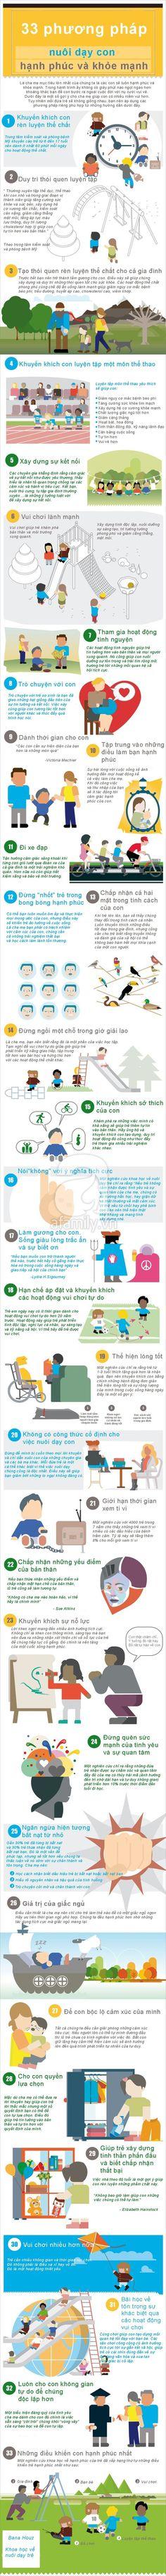 Bí quyết nuôi con khỏe mạnh